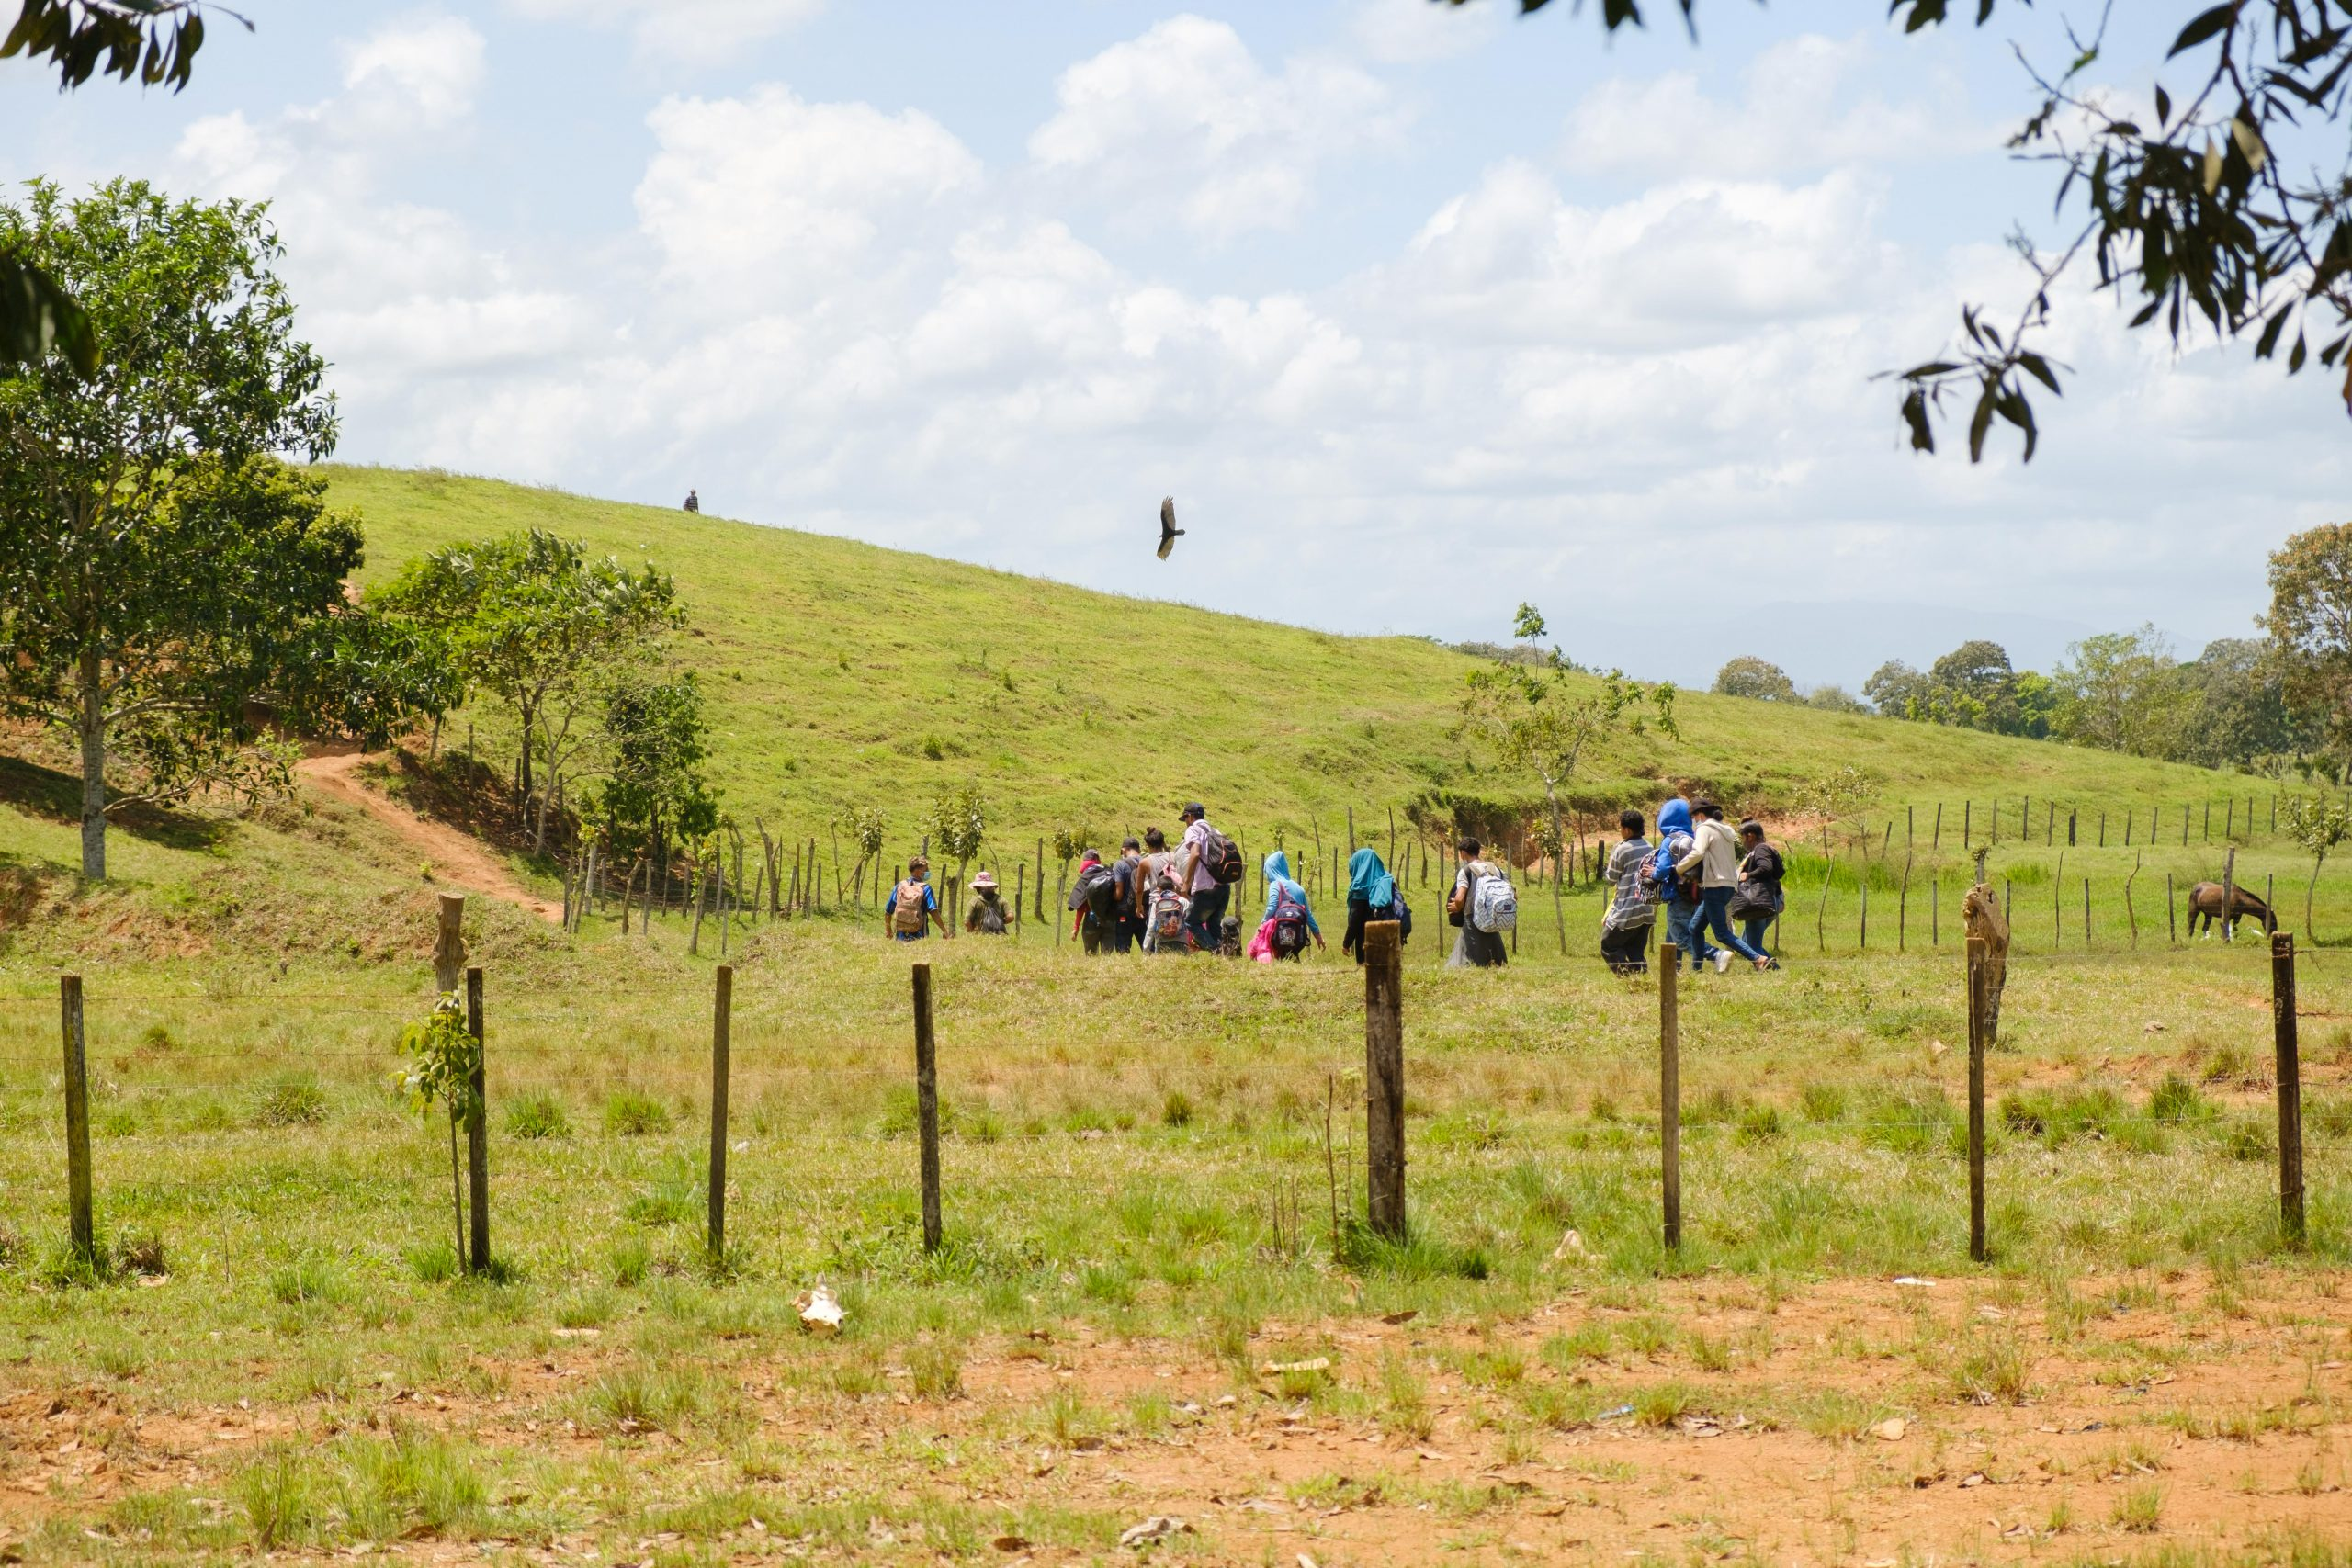 Migrantes pasando la frontera de Guatemala por un punto ciego.